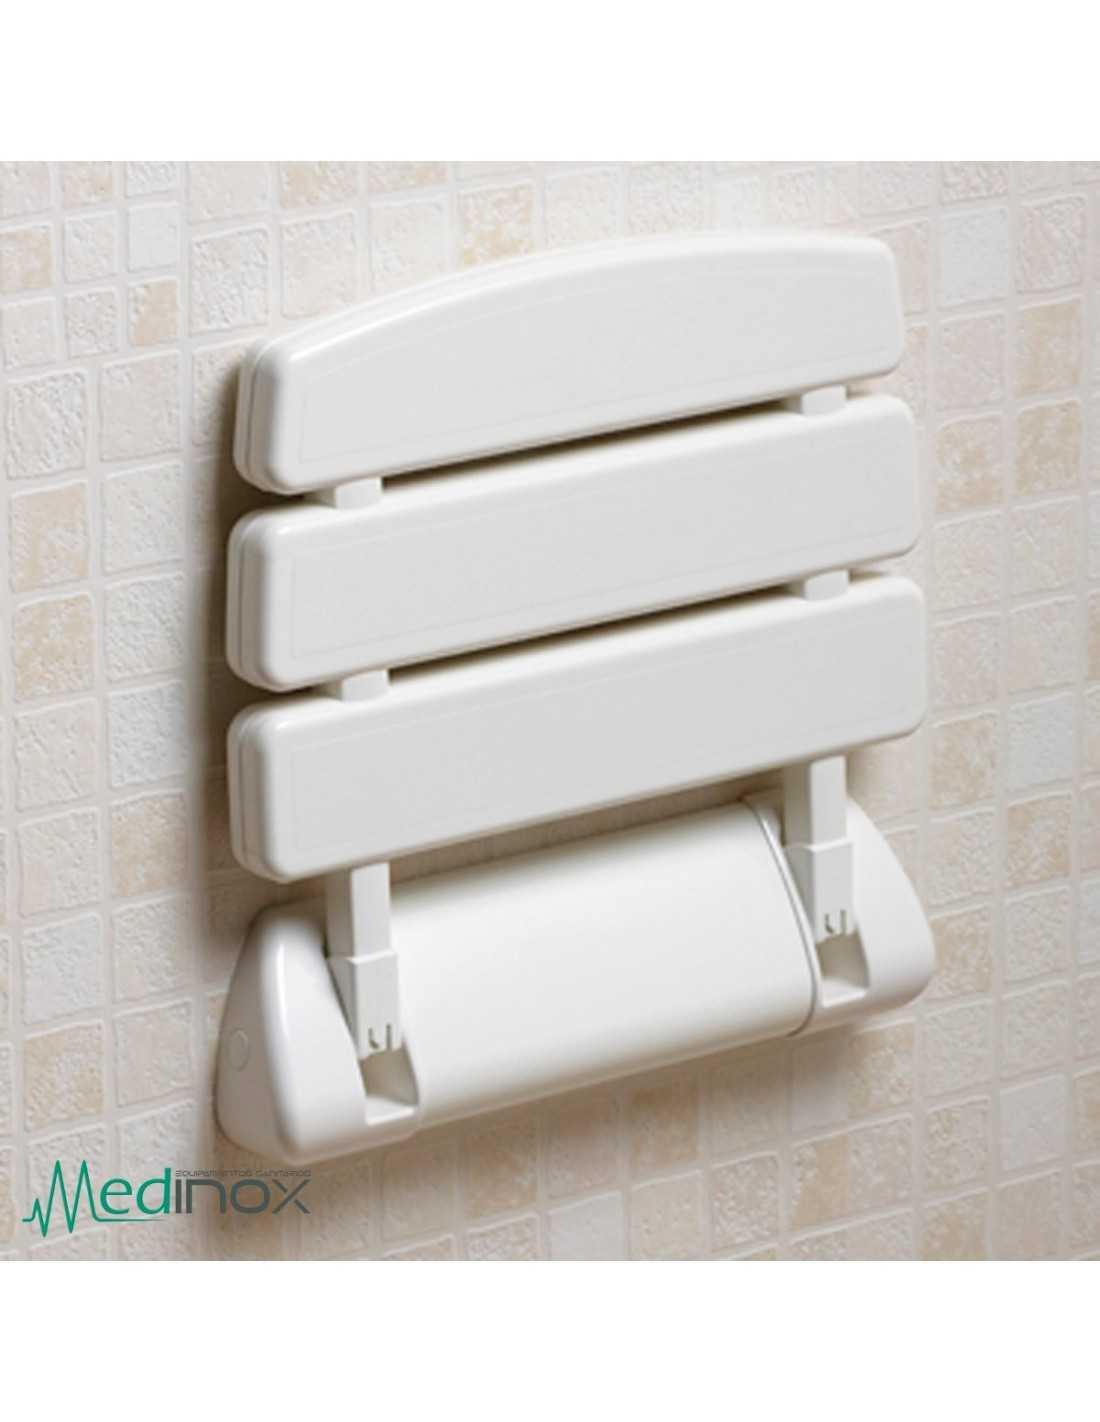 Asiento ducha abatible ayad715 asiento plegable para - Accesorios bano discapacitados ...